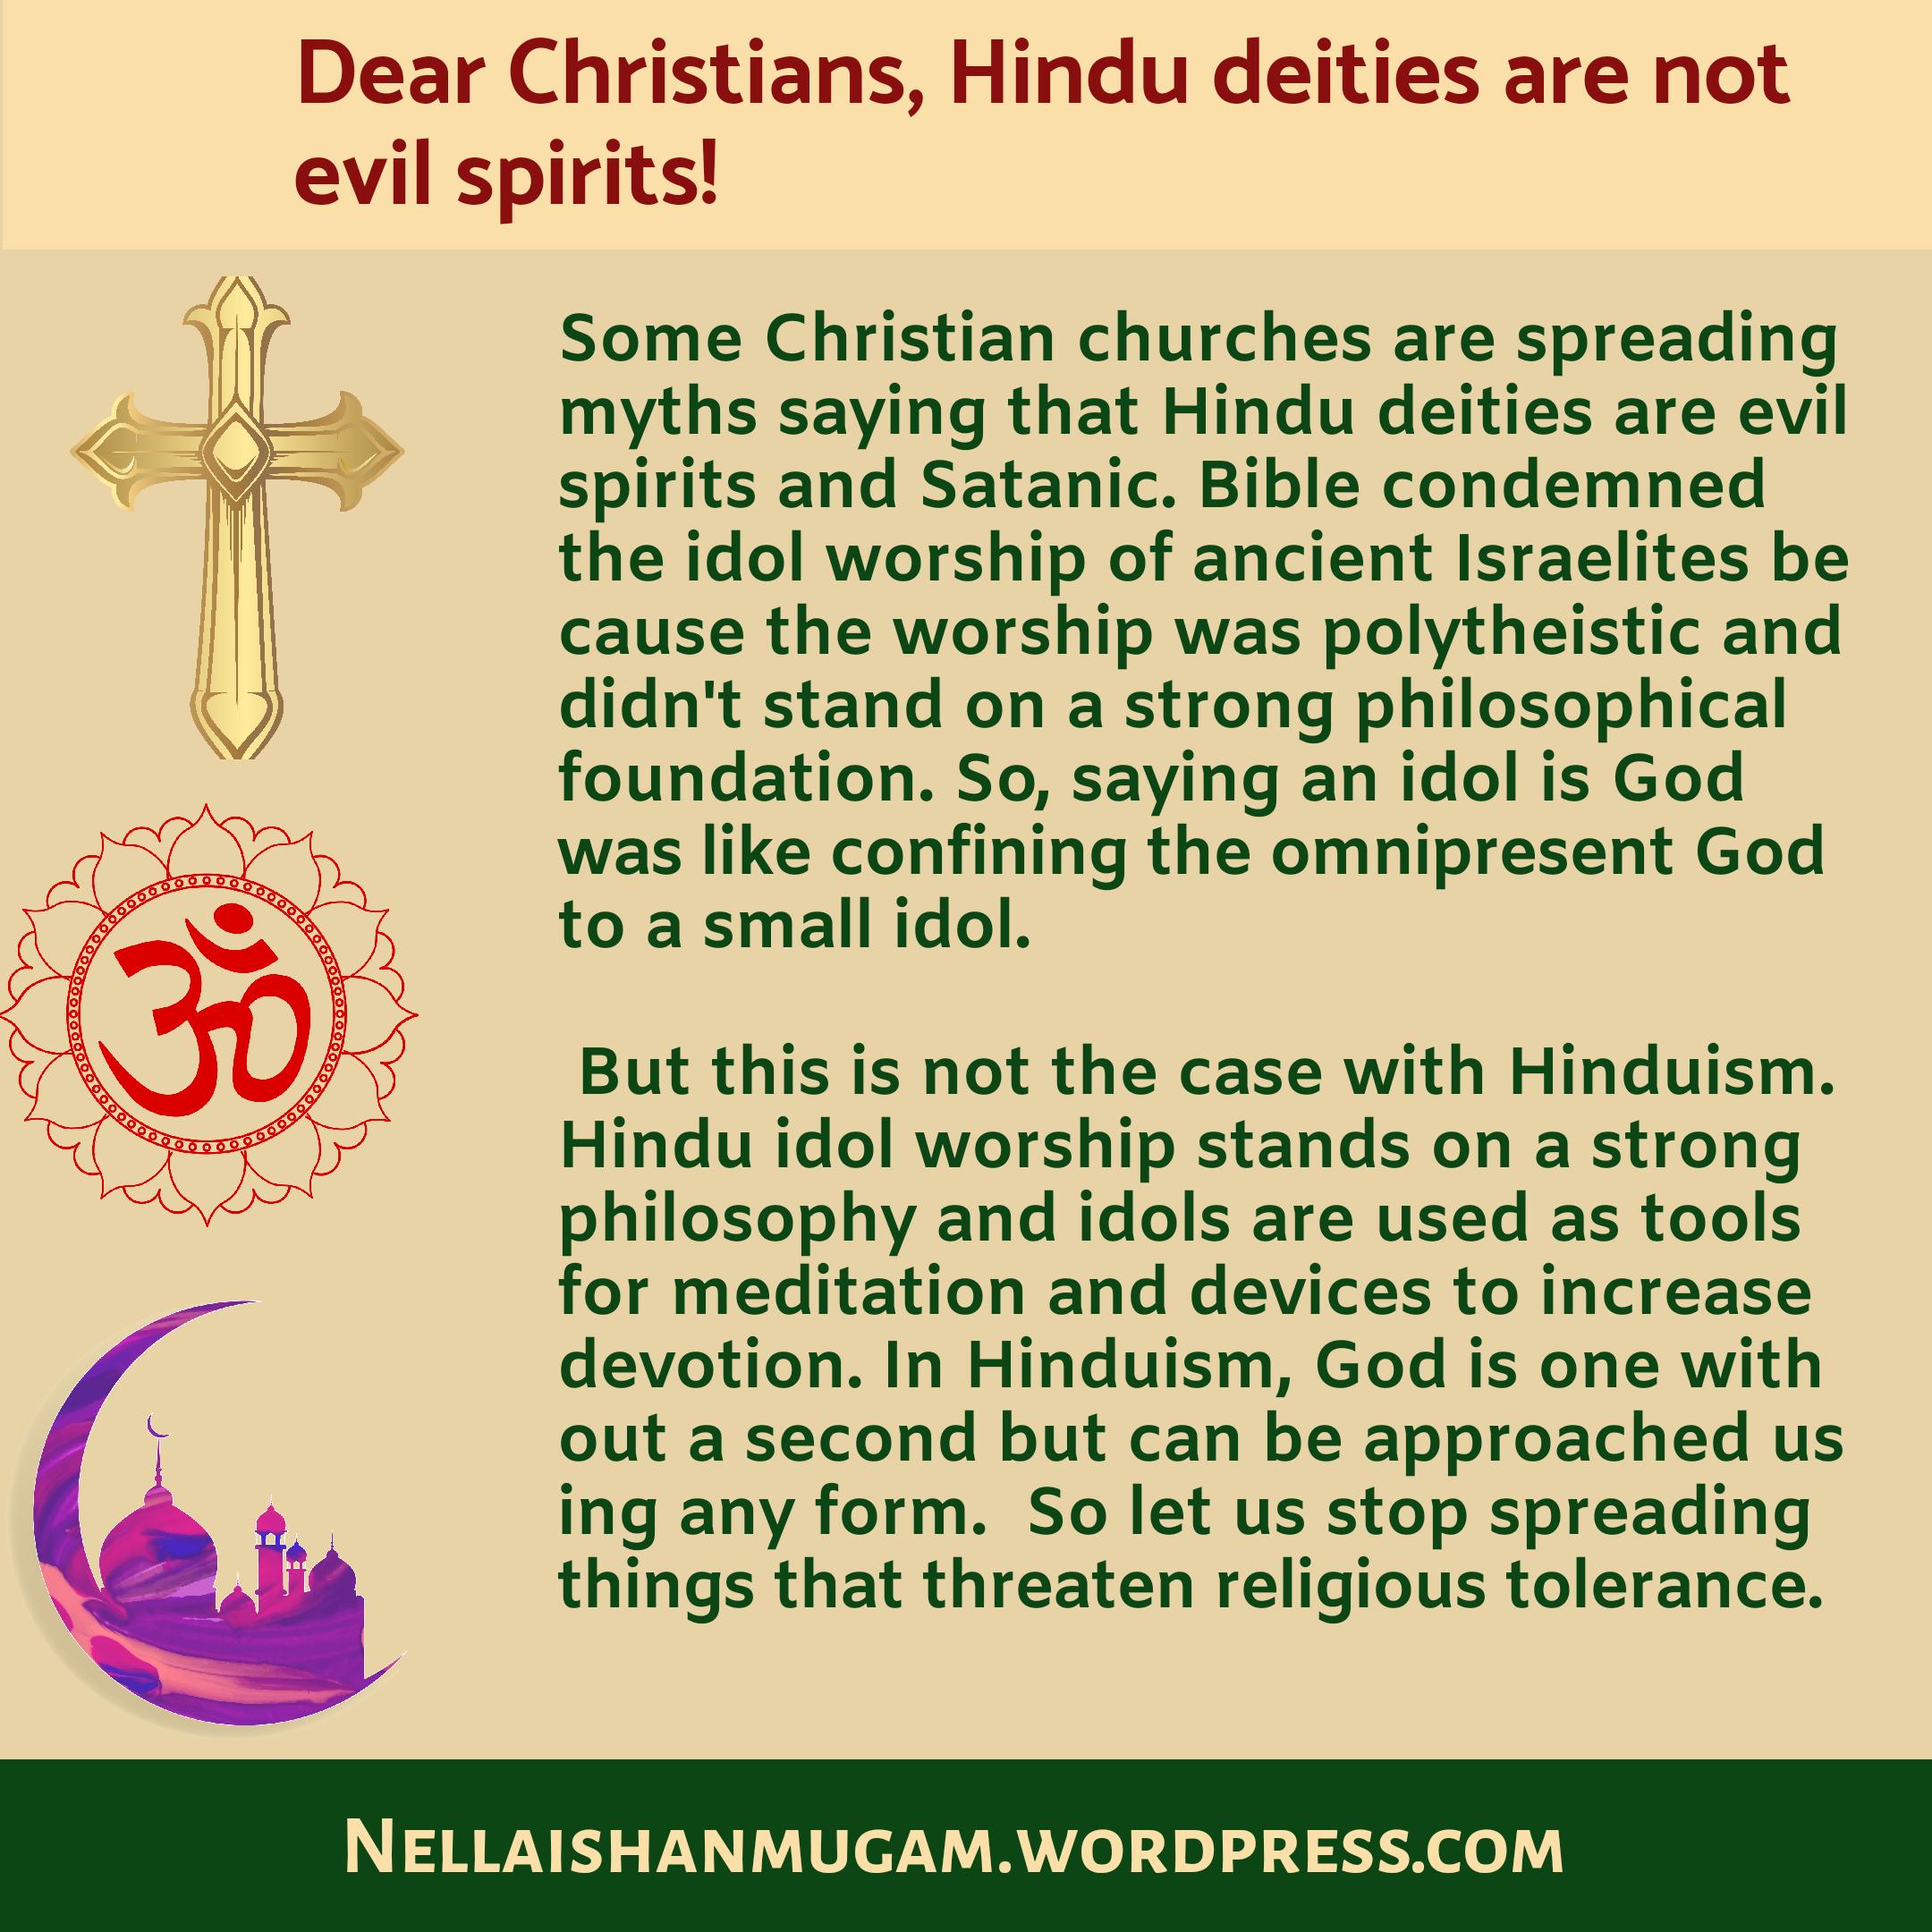 Hindu deities are not evil spirits